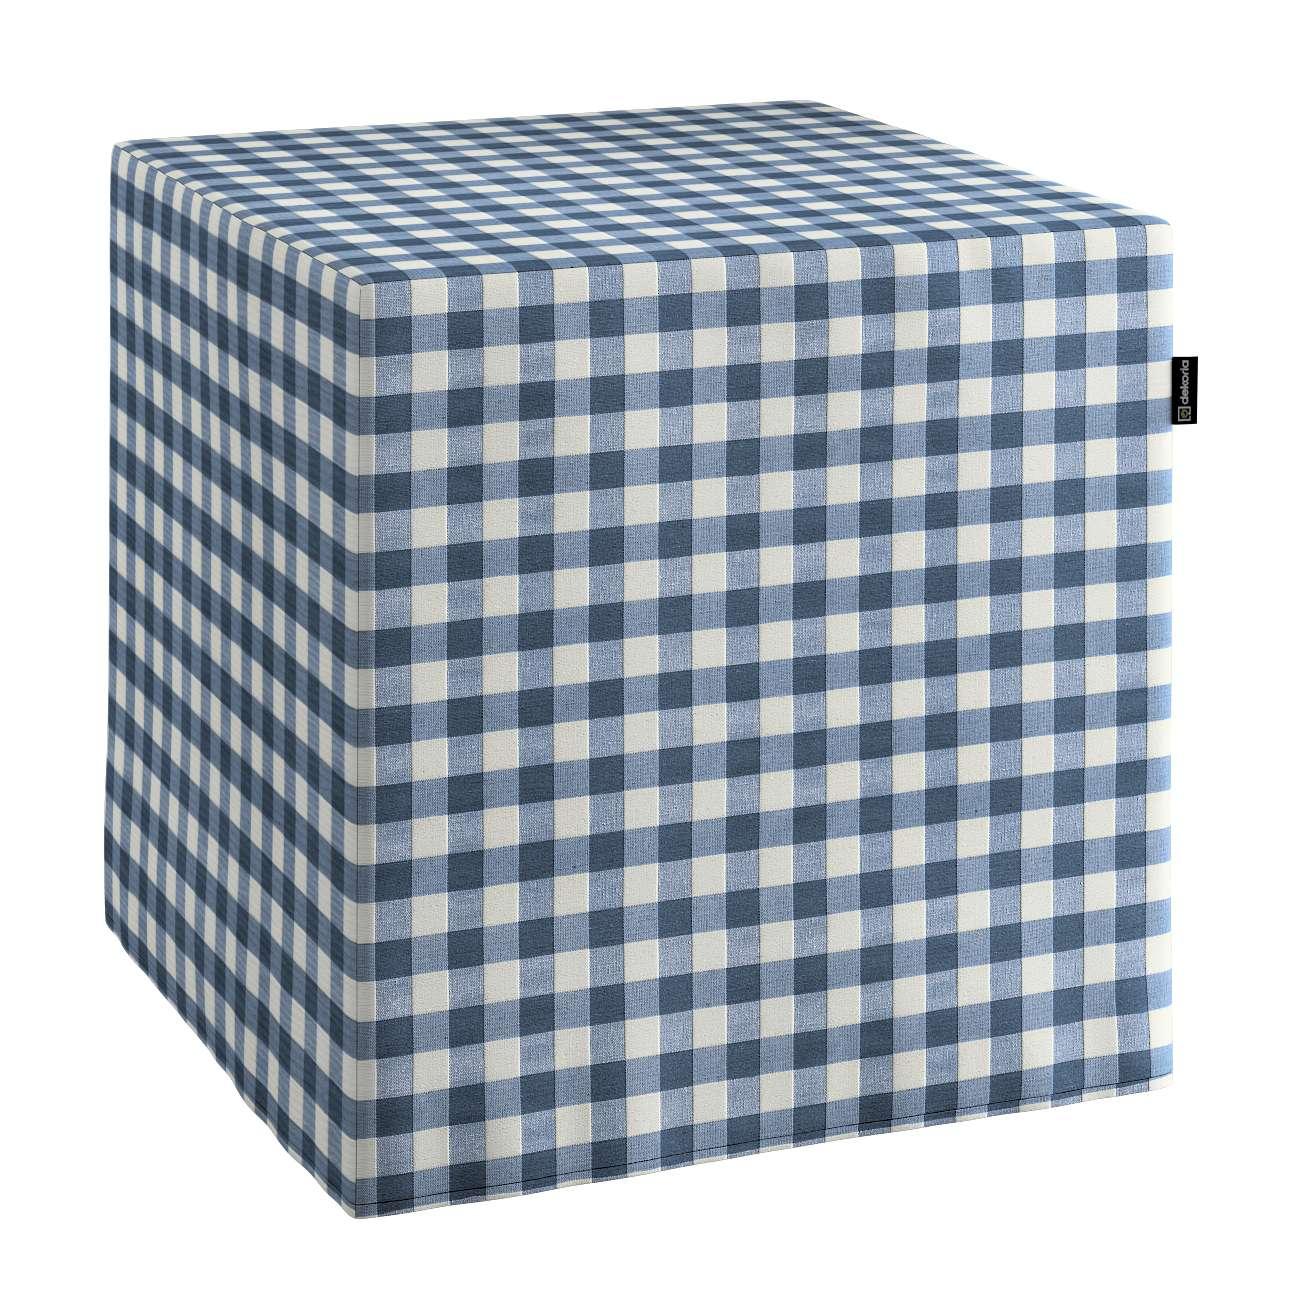 Bezug für Sitzwürfel von der Kollektion Quadro, Stoff: 136-01